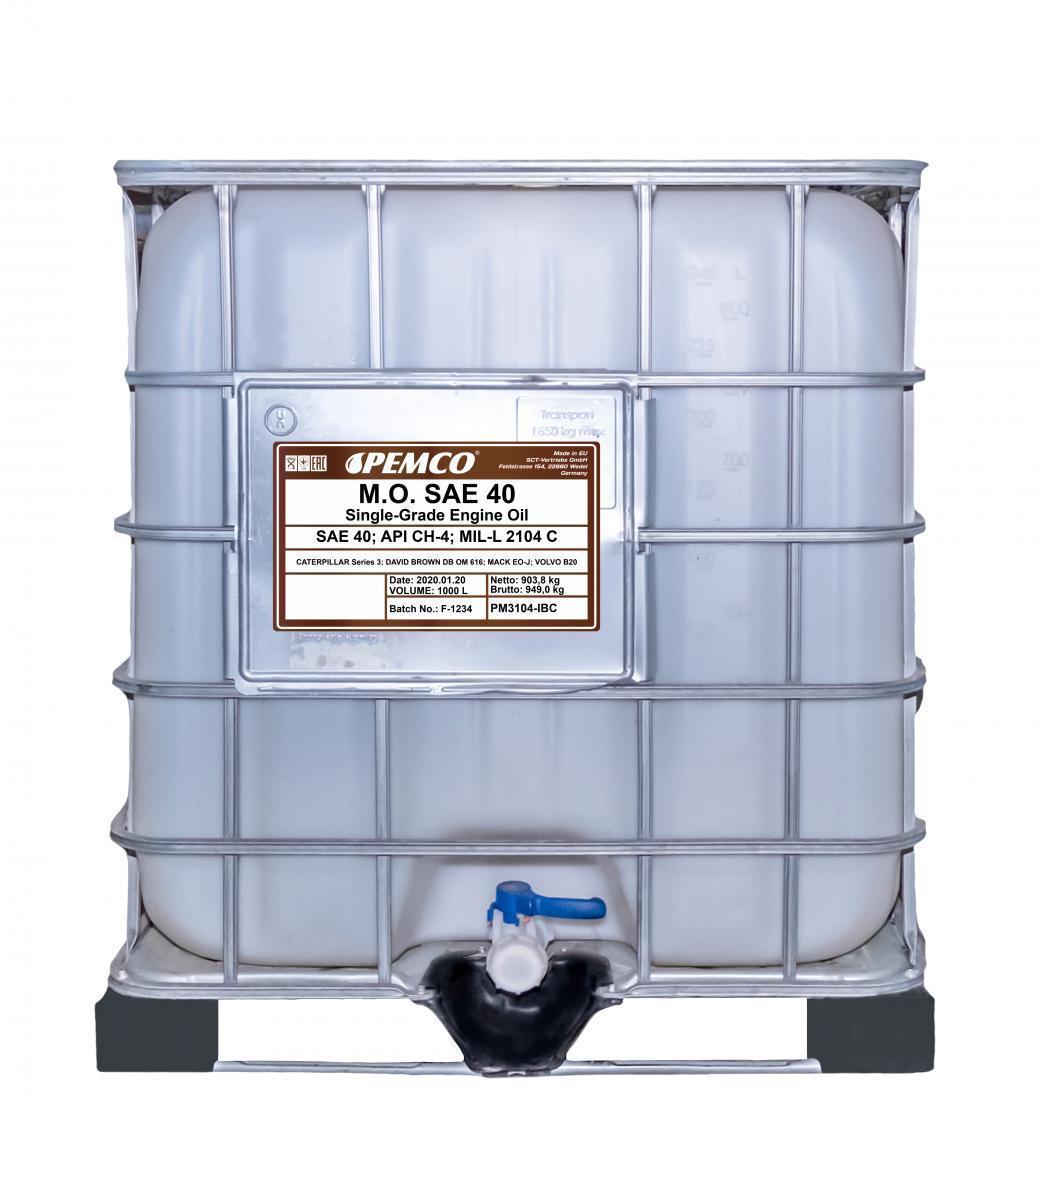 PM3104-IBC PEMCO Motoröl für DAF online bestellen